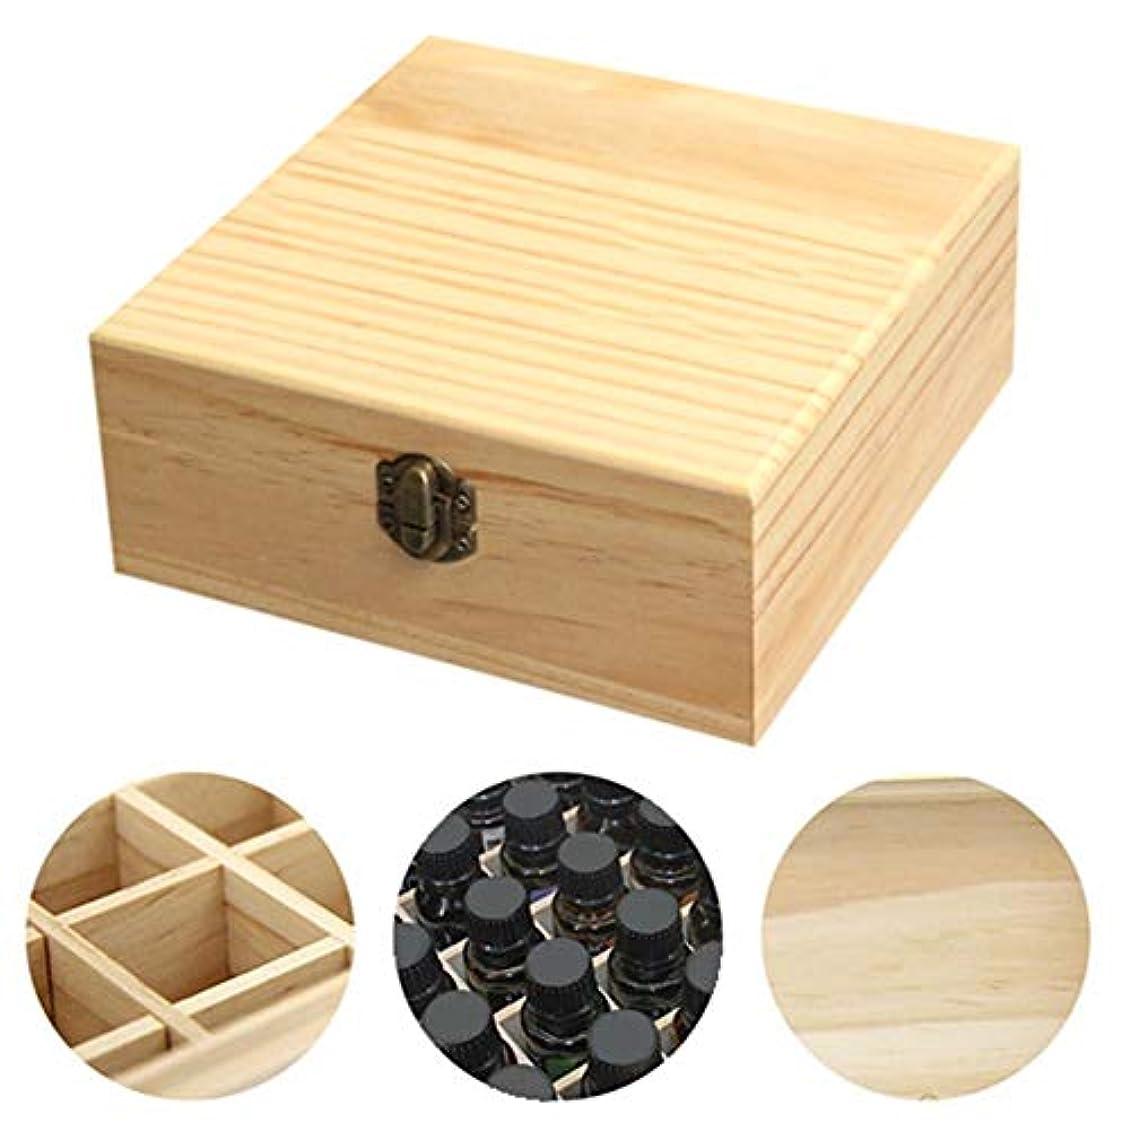 メッセンジャー交響曲尽きるclouday エッセンシャルオイル収納ボックス 自然木製 エッセンシャルオイルオイル 収納 ボックス 香水収納ケース アロマオイル収納ボックス 25本用 approving